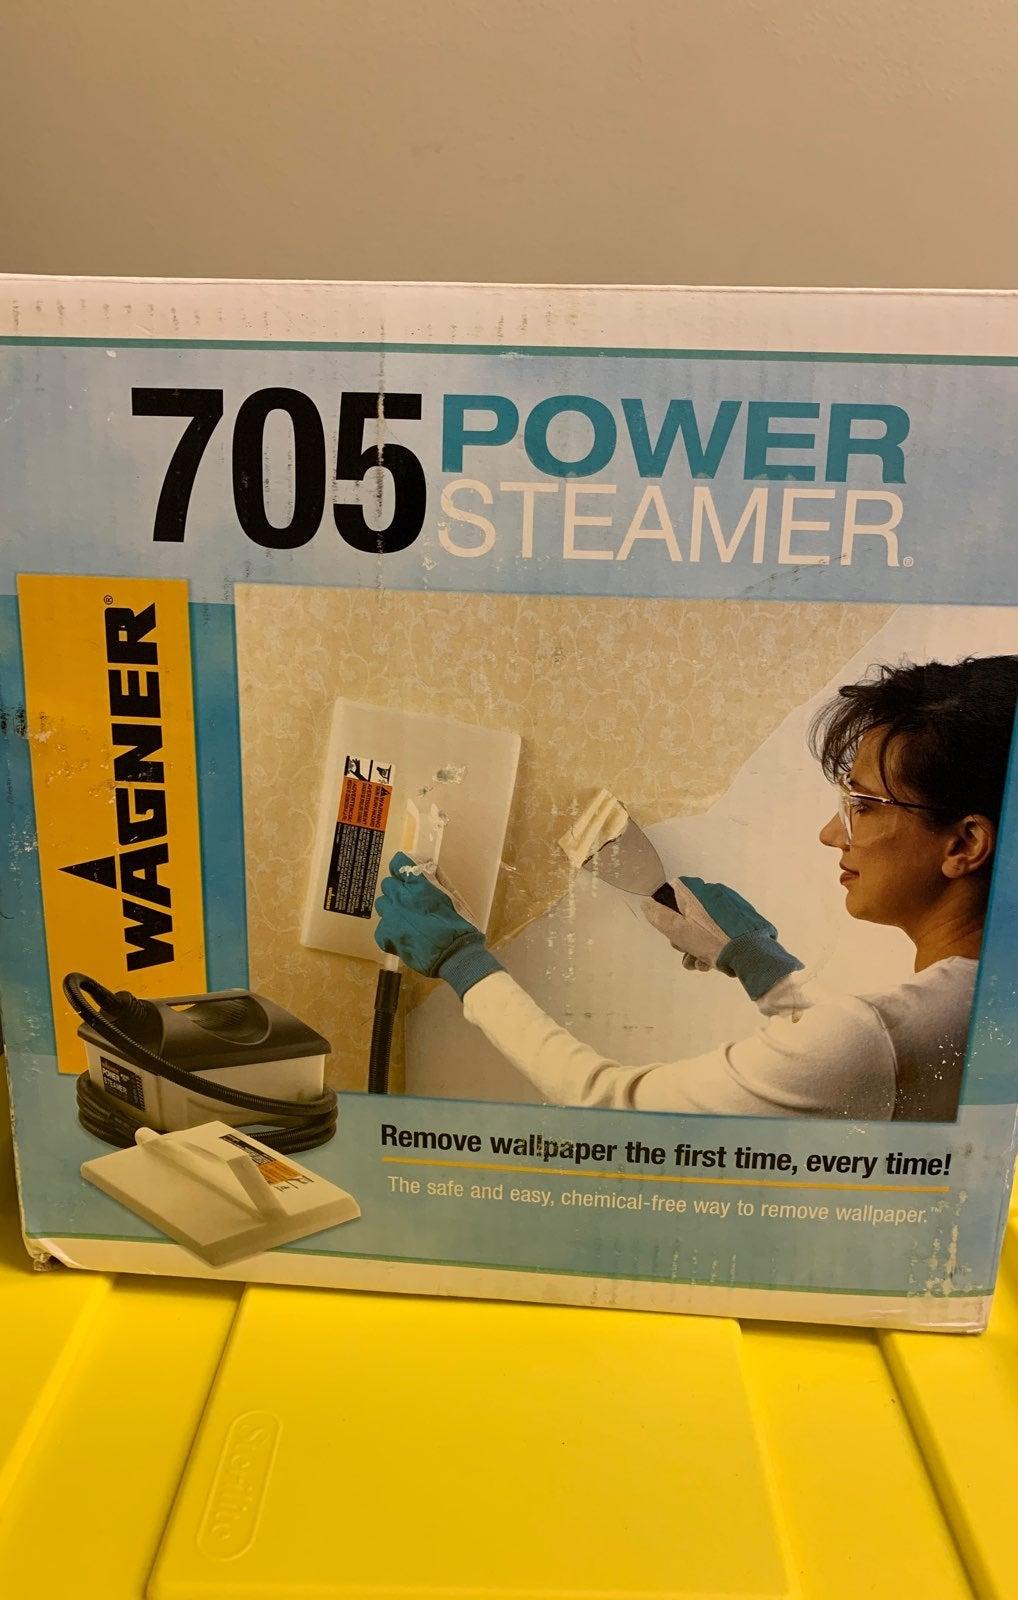 Wagner Power Steamer. Remove wallpaper.